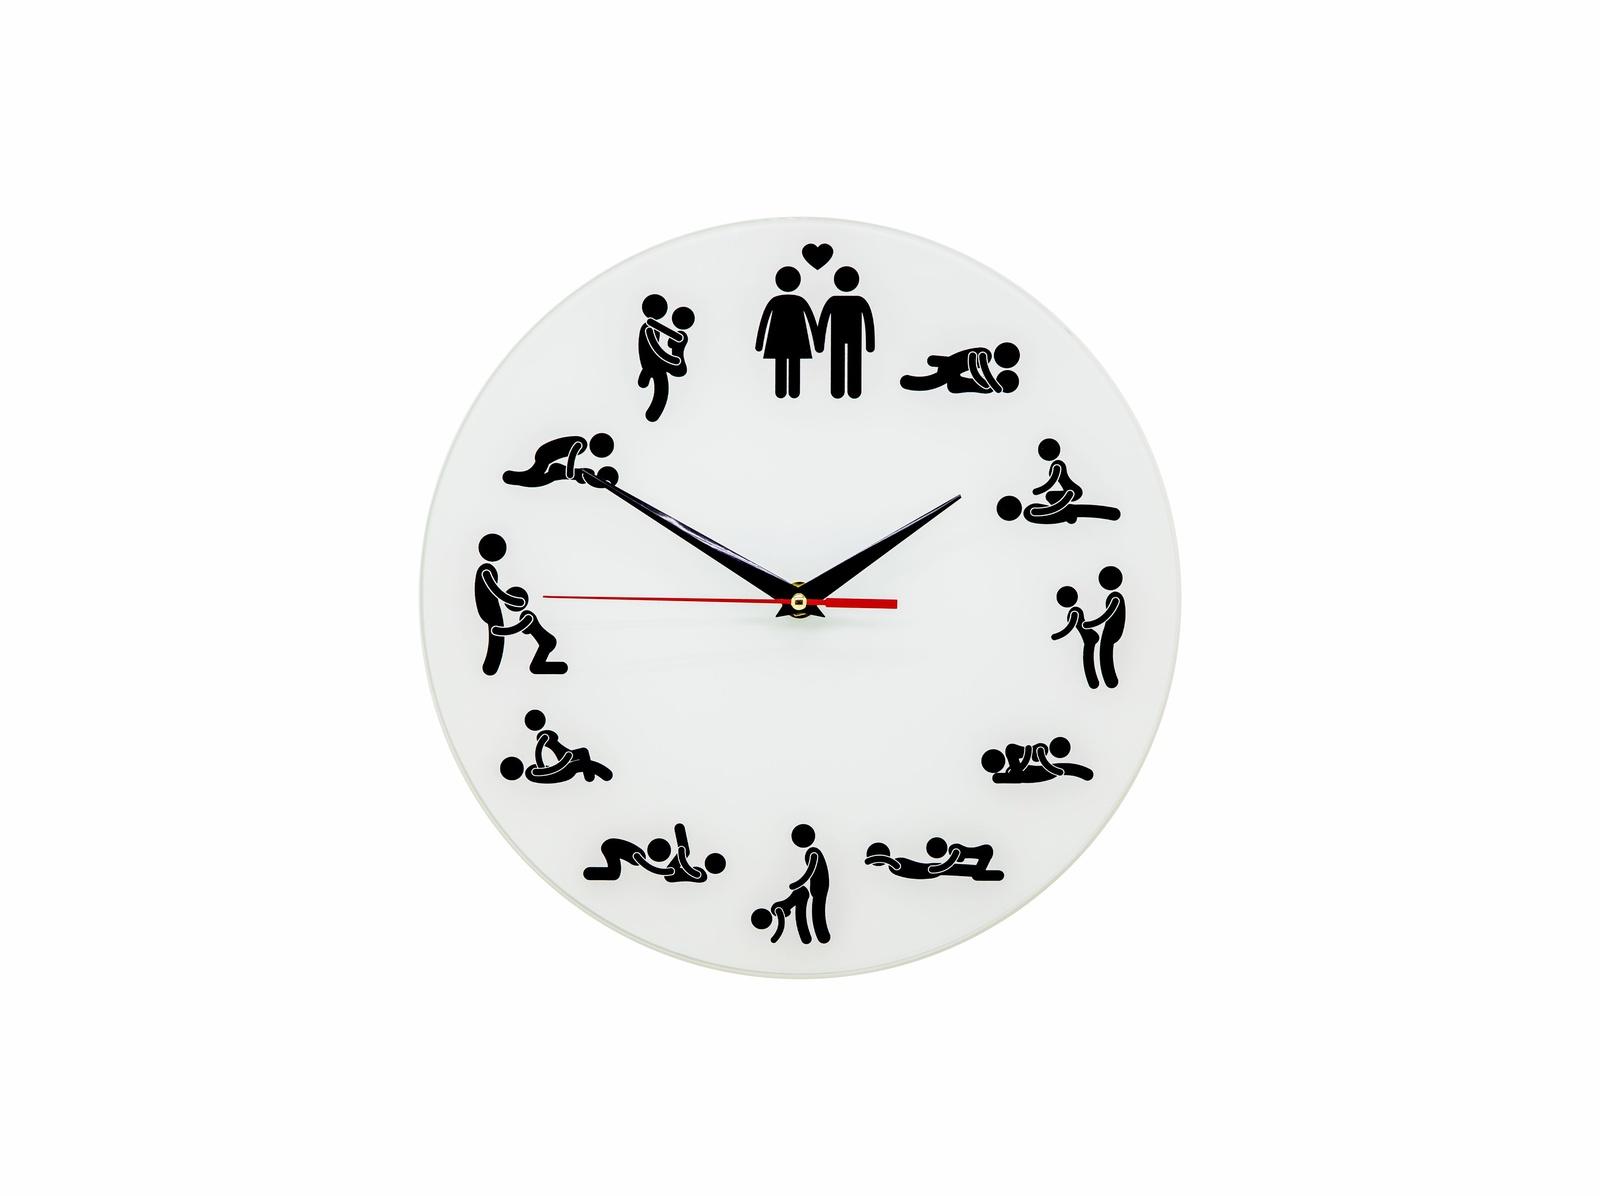 часы с позами любви картинки прикольные неизвестно